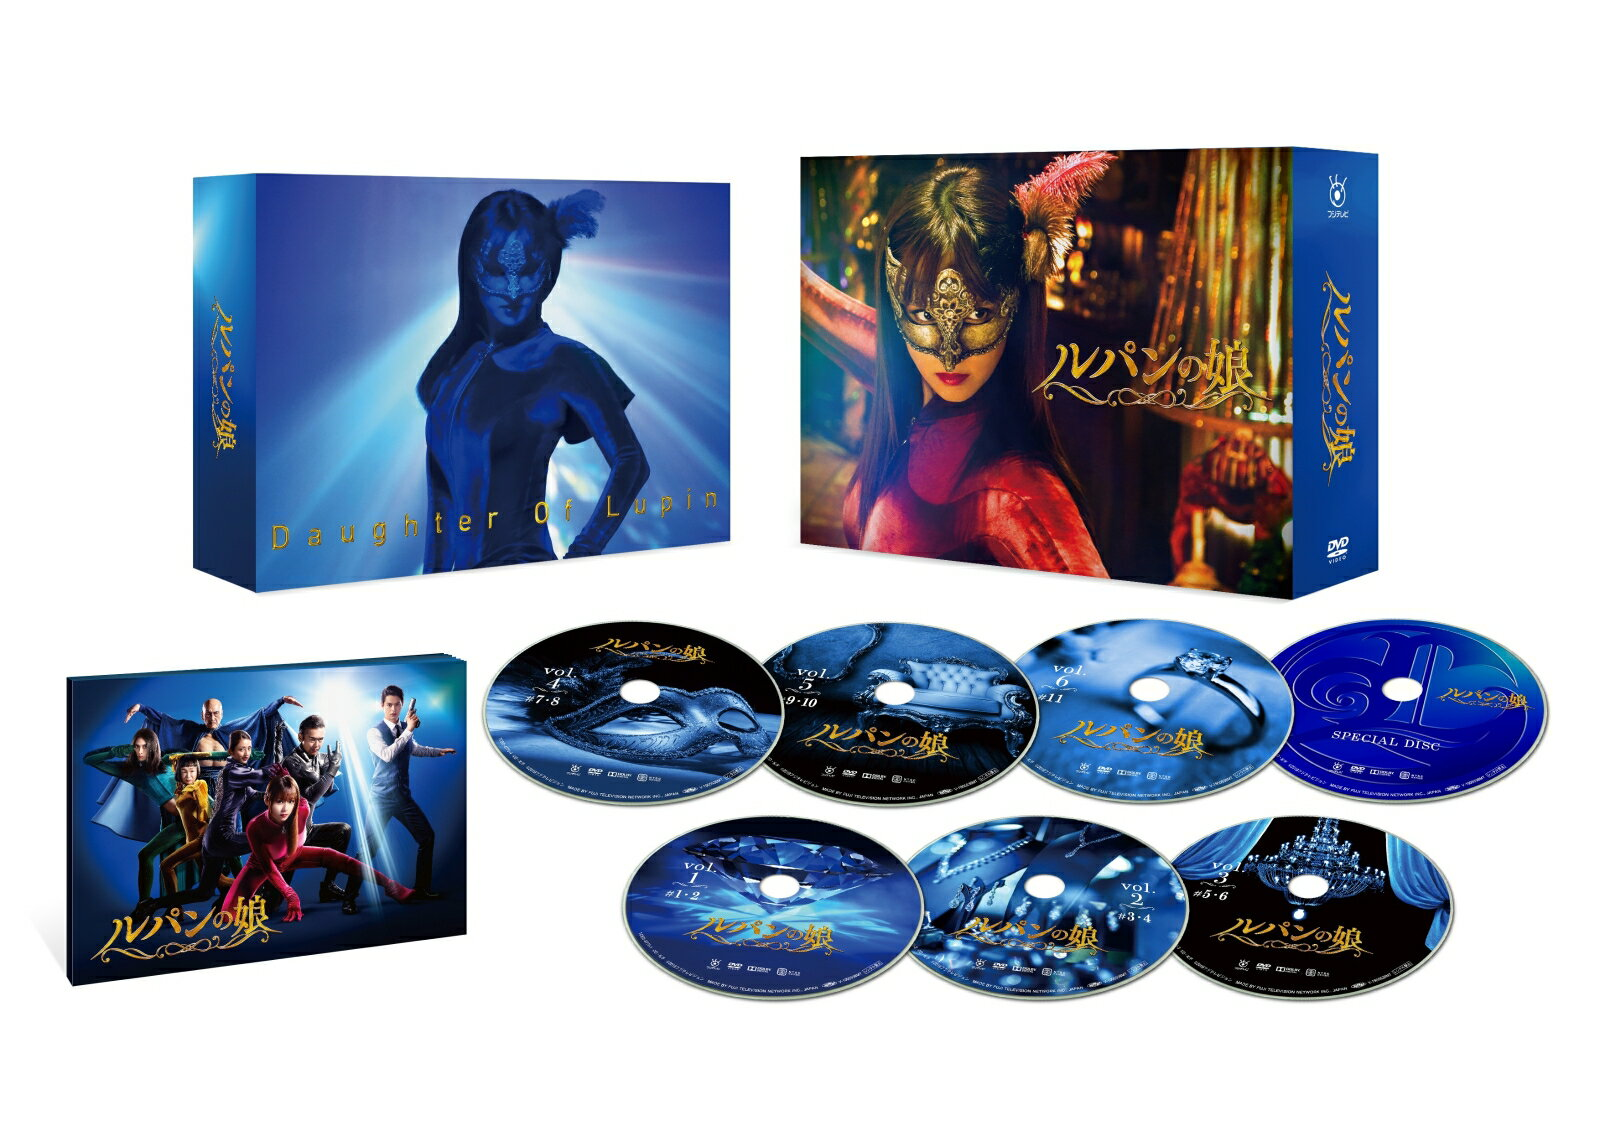 ルパンの娘 DVD-BOX